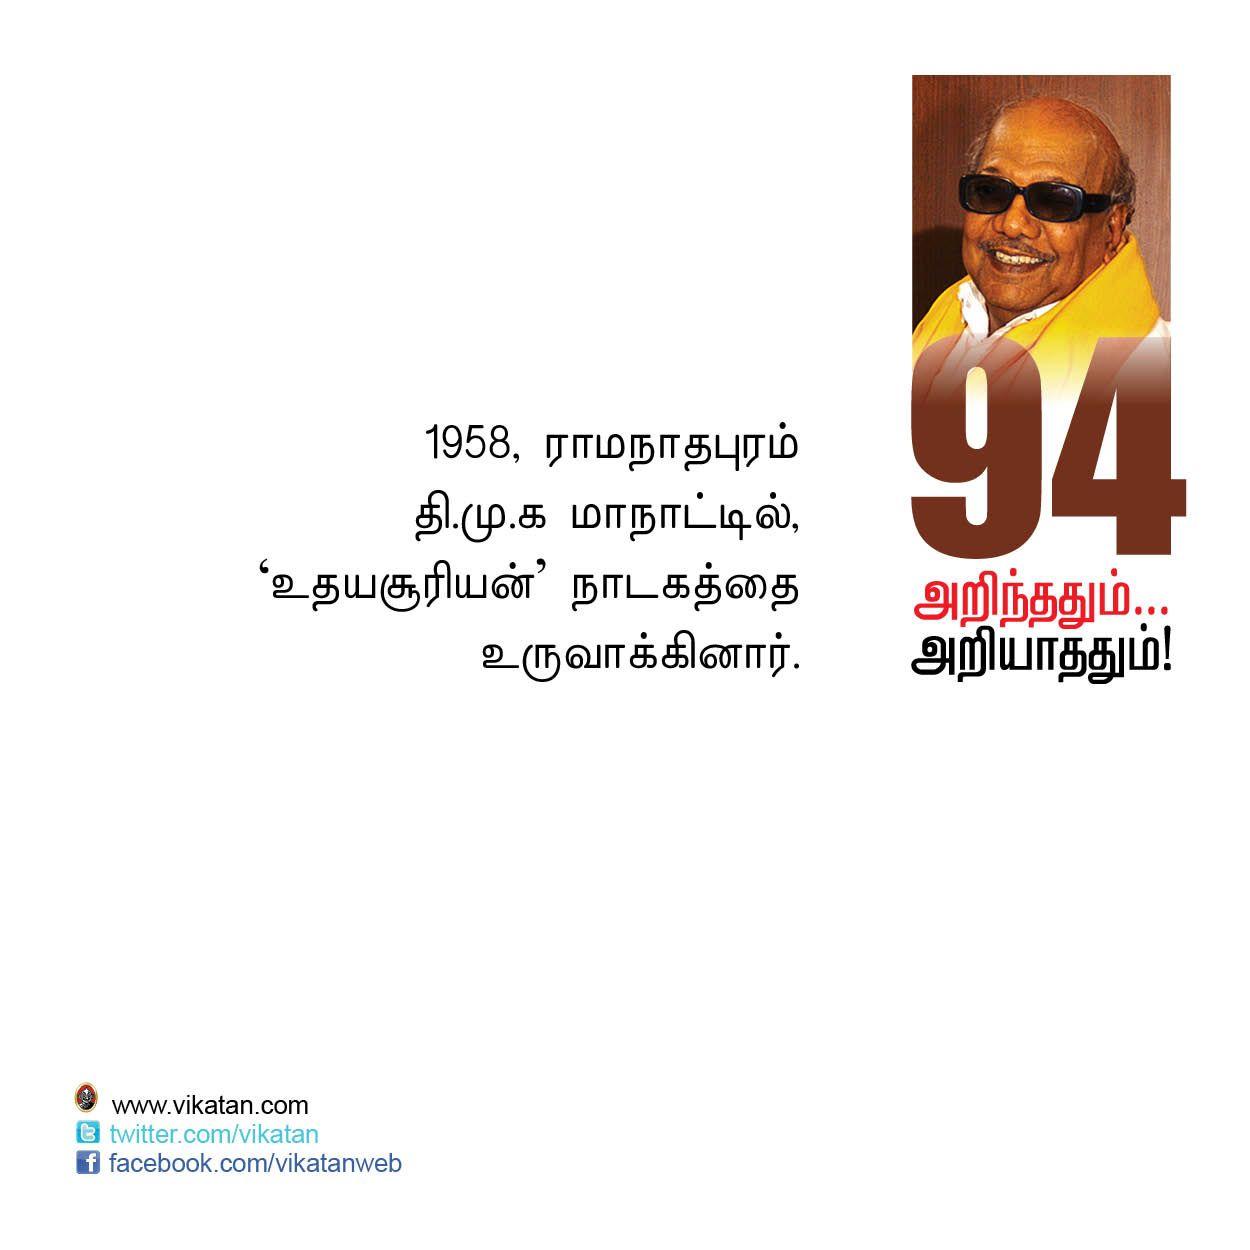 'கலைஞர் - 94' அறிந்ததும்... அறியாததும்! #VikatanPhotoStory